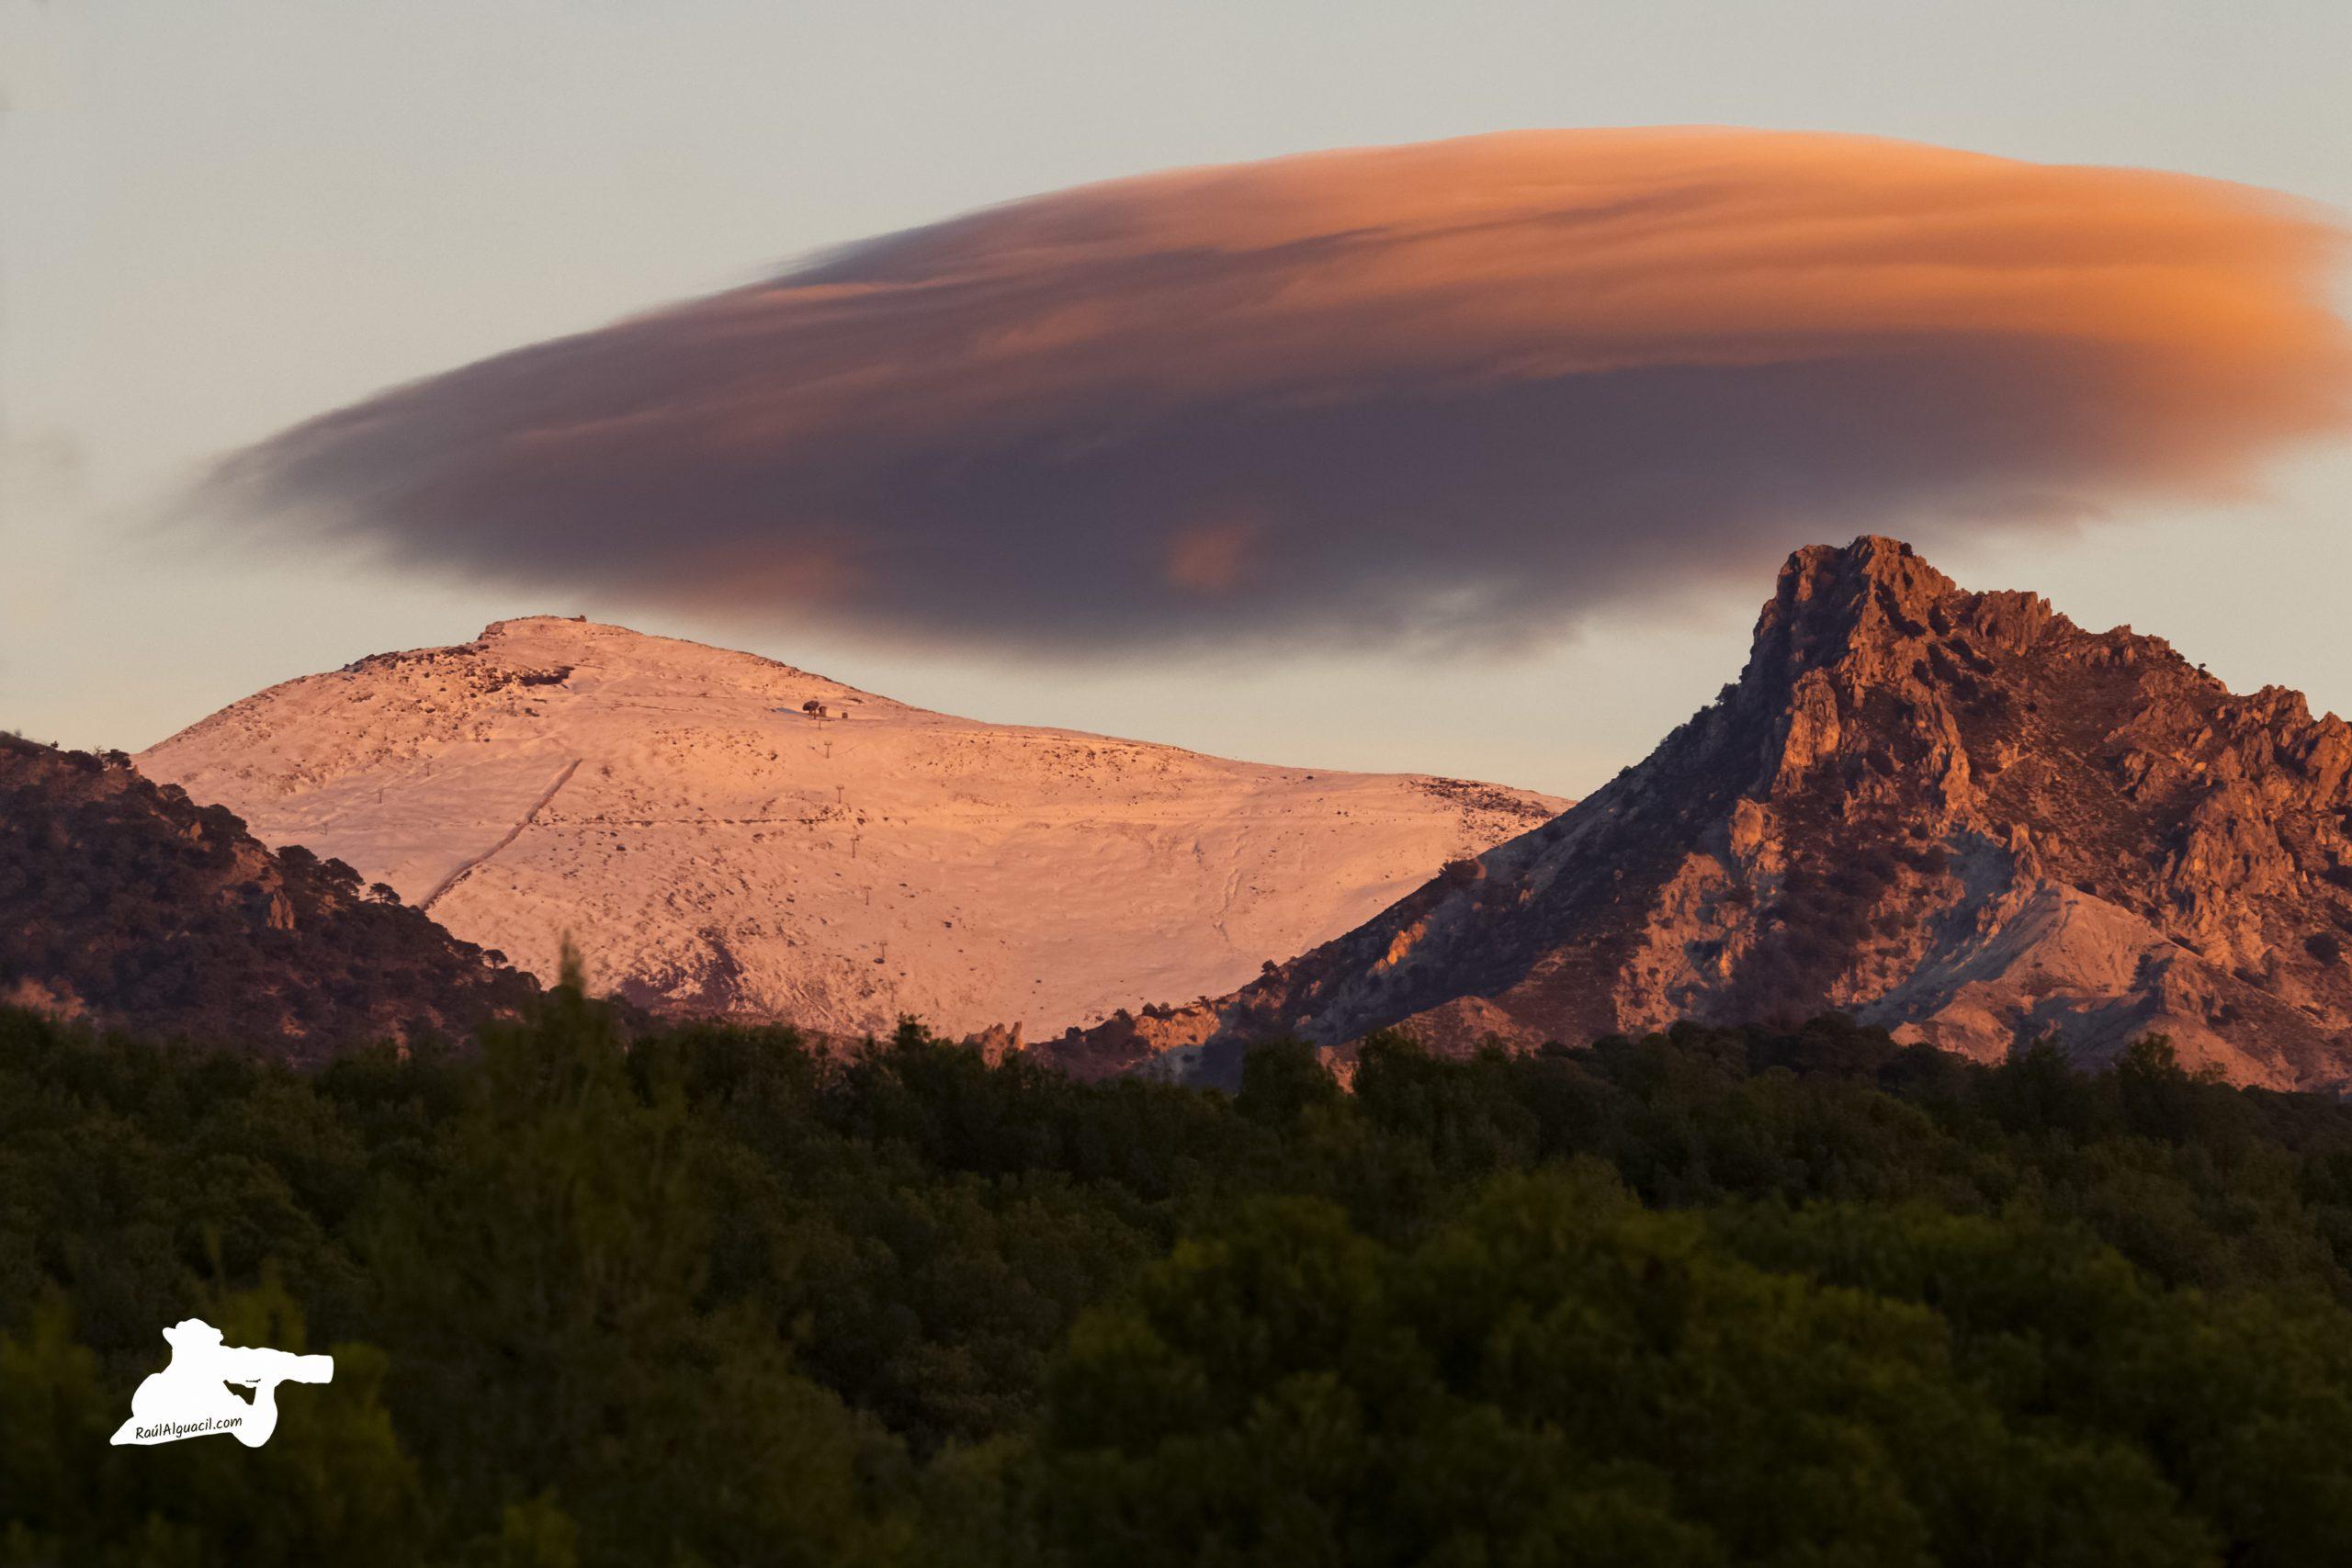 Pico Trevenque y Pico Veleta, Parque Nacional y Natural de Sierra nevada.